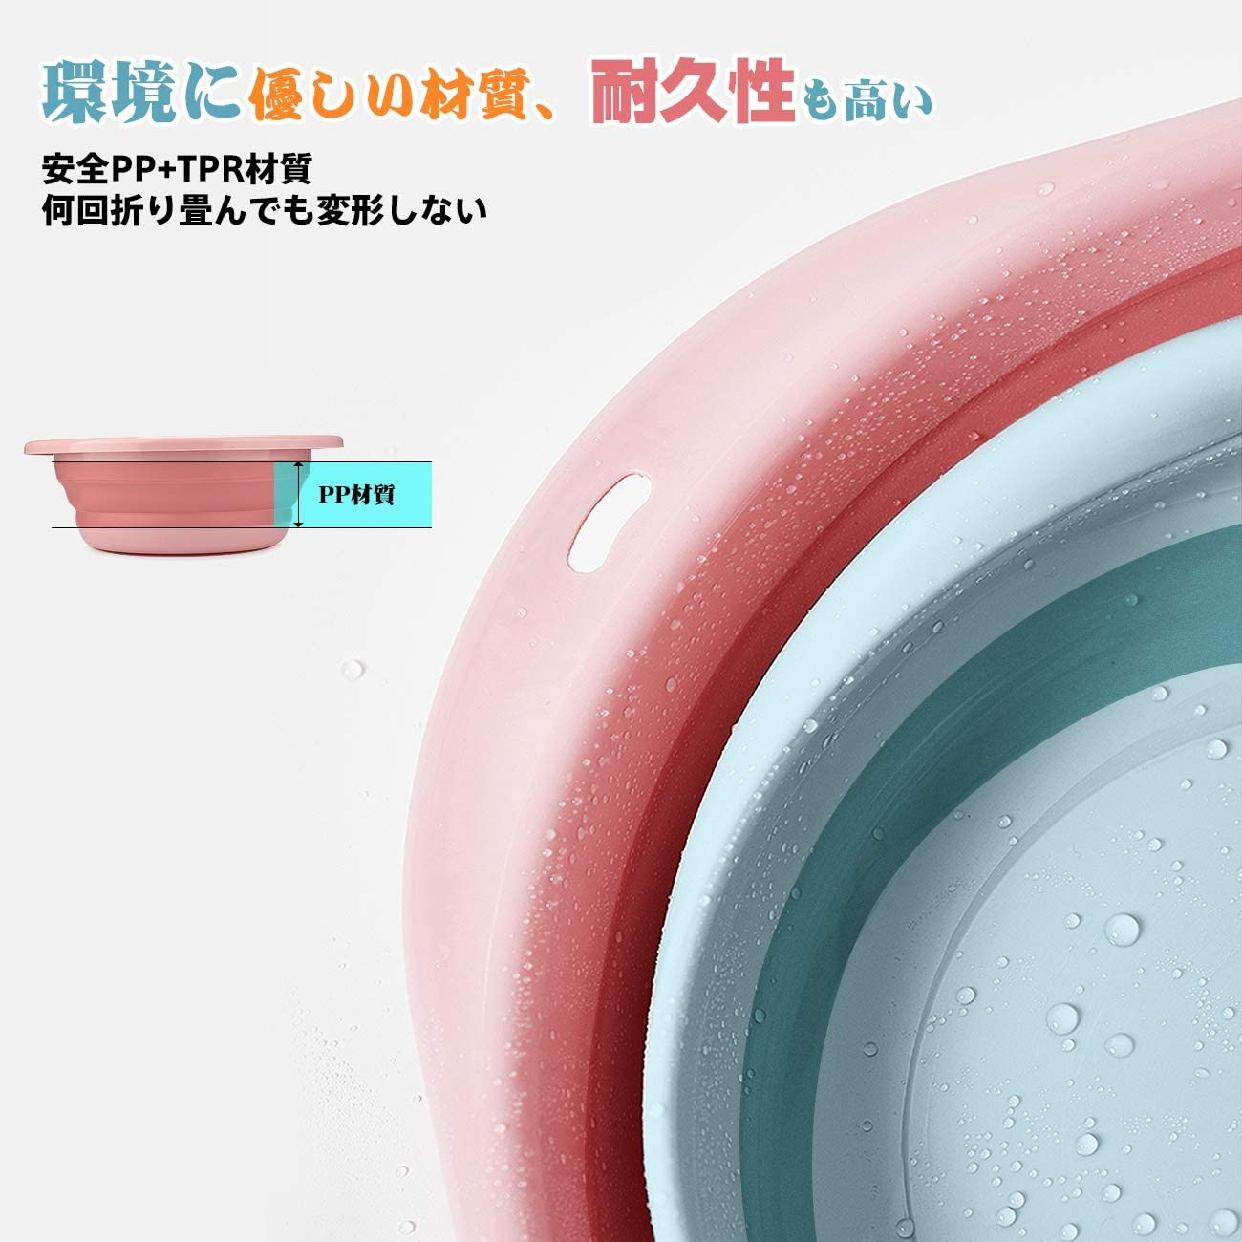 MM&UU(エムエムアンドユーユー) 洗い桶 折り畳み 2点セット ピンクとブルーの商品画像7